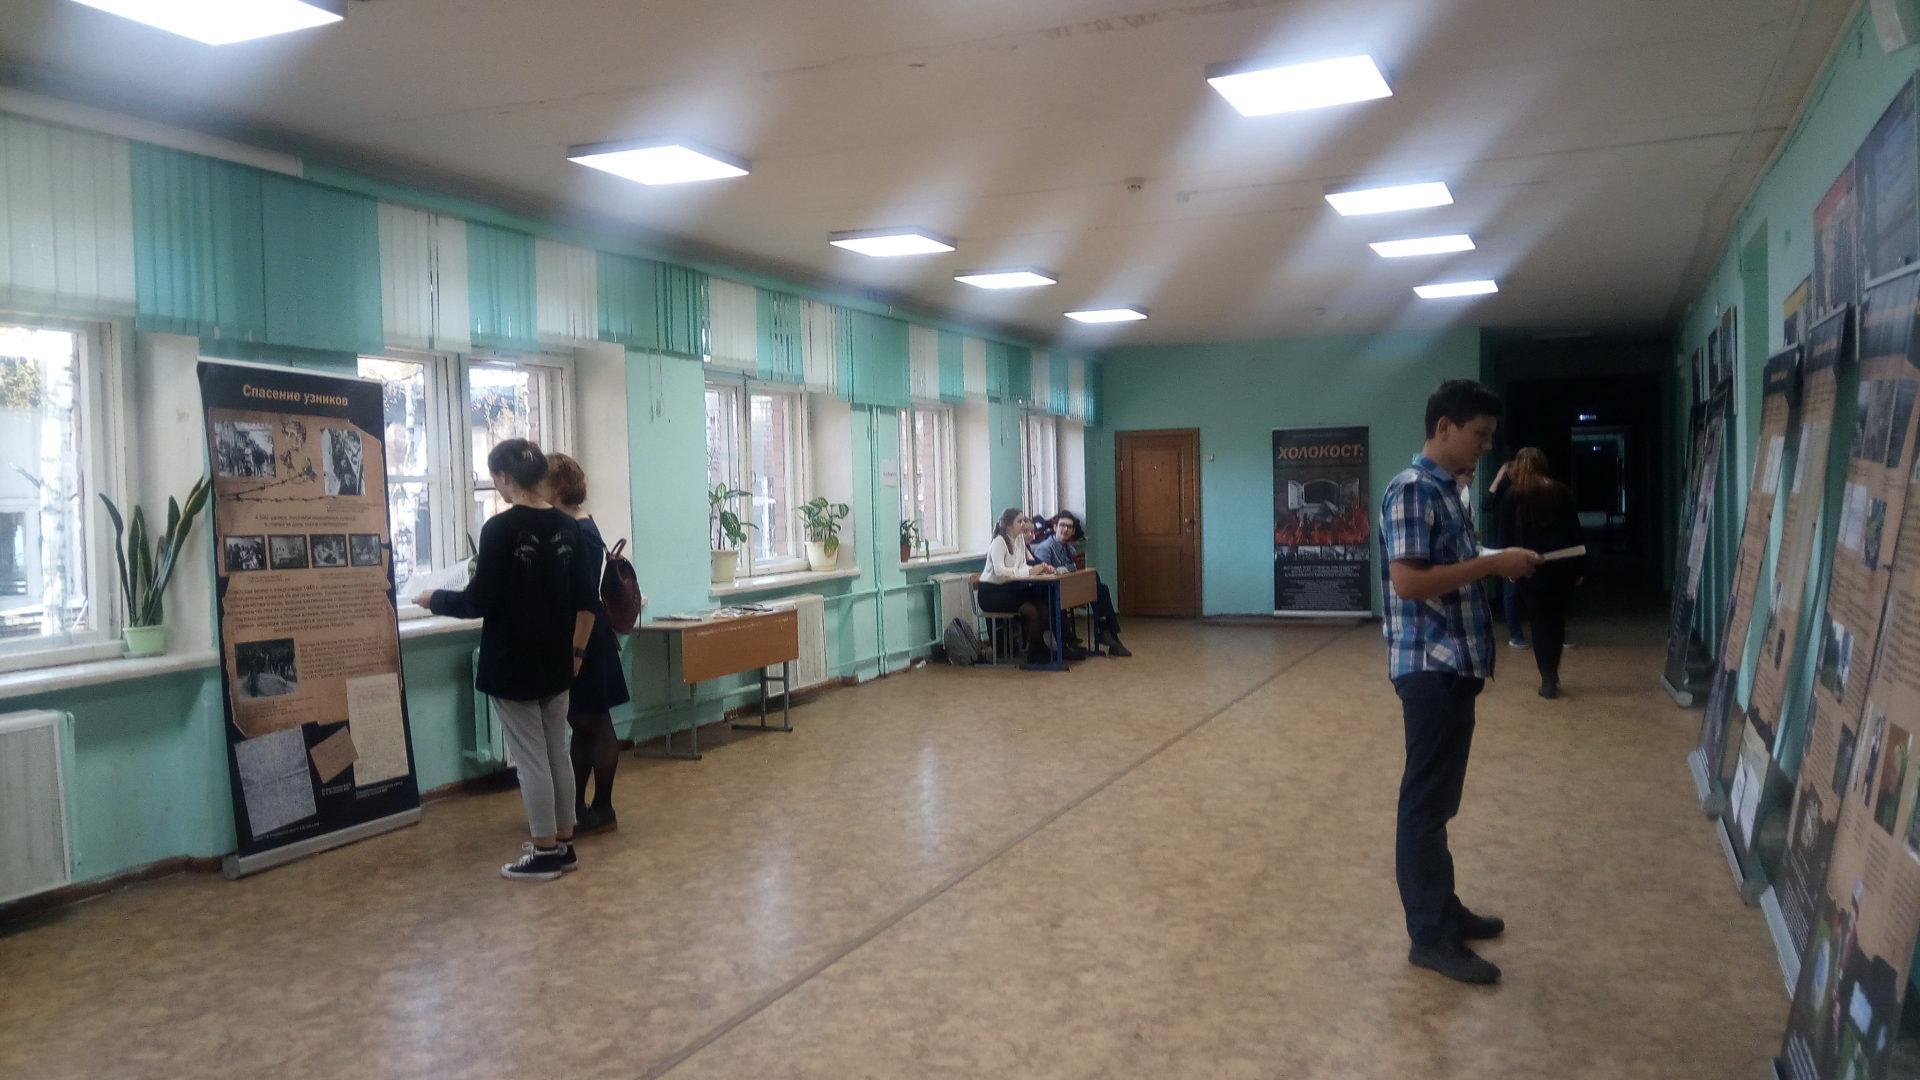 Выставка «Холокост: уничтожение, освобождение, спасение» в Ярославле